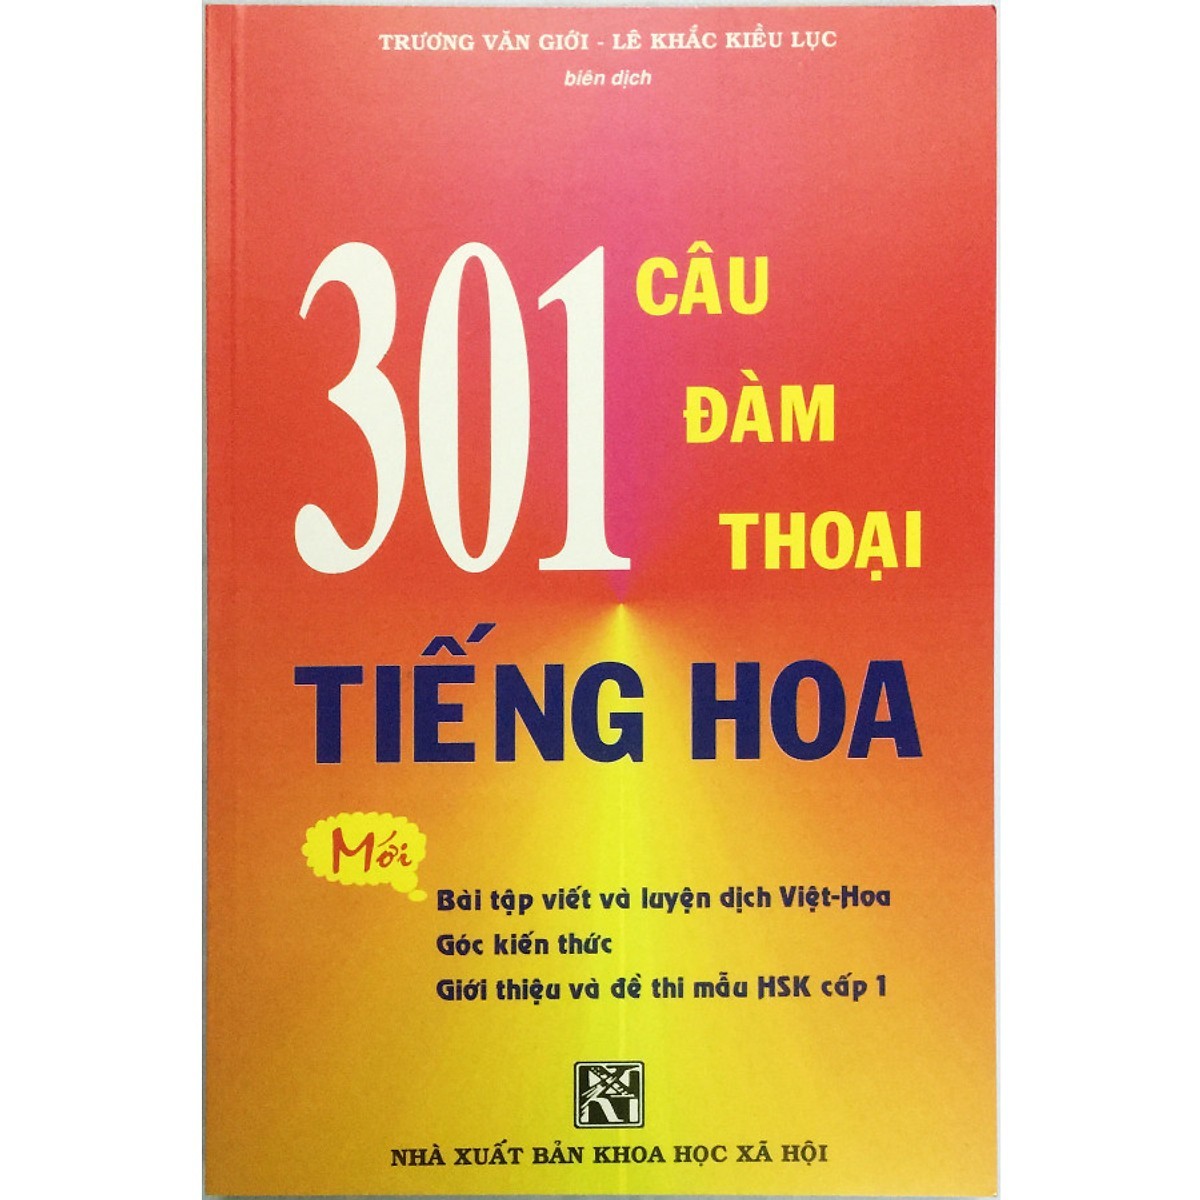 Combo 4 cuốn sách học tiếng trung , Giáo trình hán ngữ tập 1+2( bản mới ) + 301 câu đàm thoại tiếng hoa có bài tập luyện viết và luyện dịch việt hoa + Từ điển Hán việt ( bìa cứng khổ nhỏ )